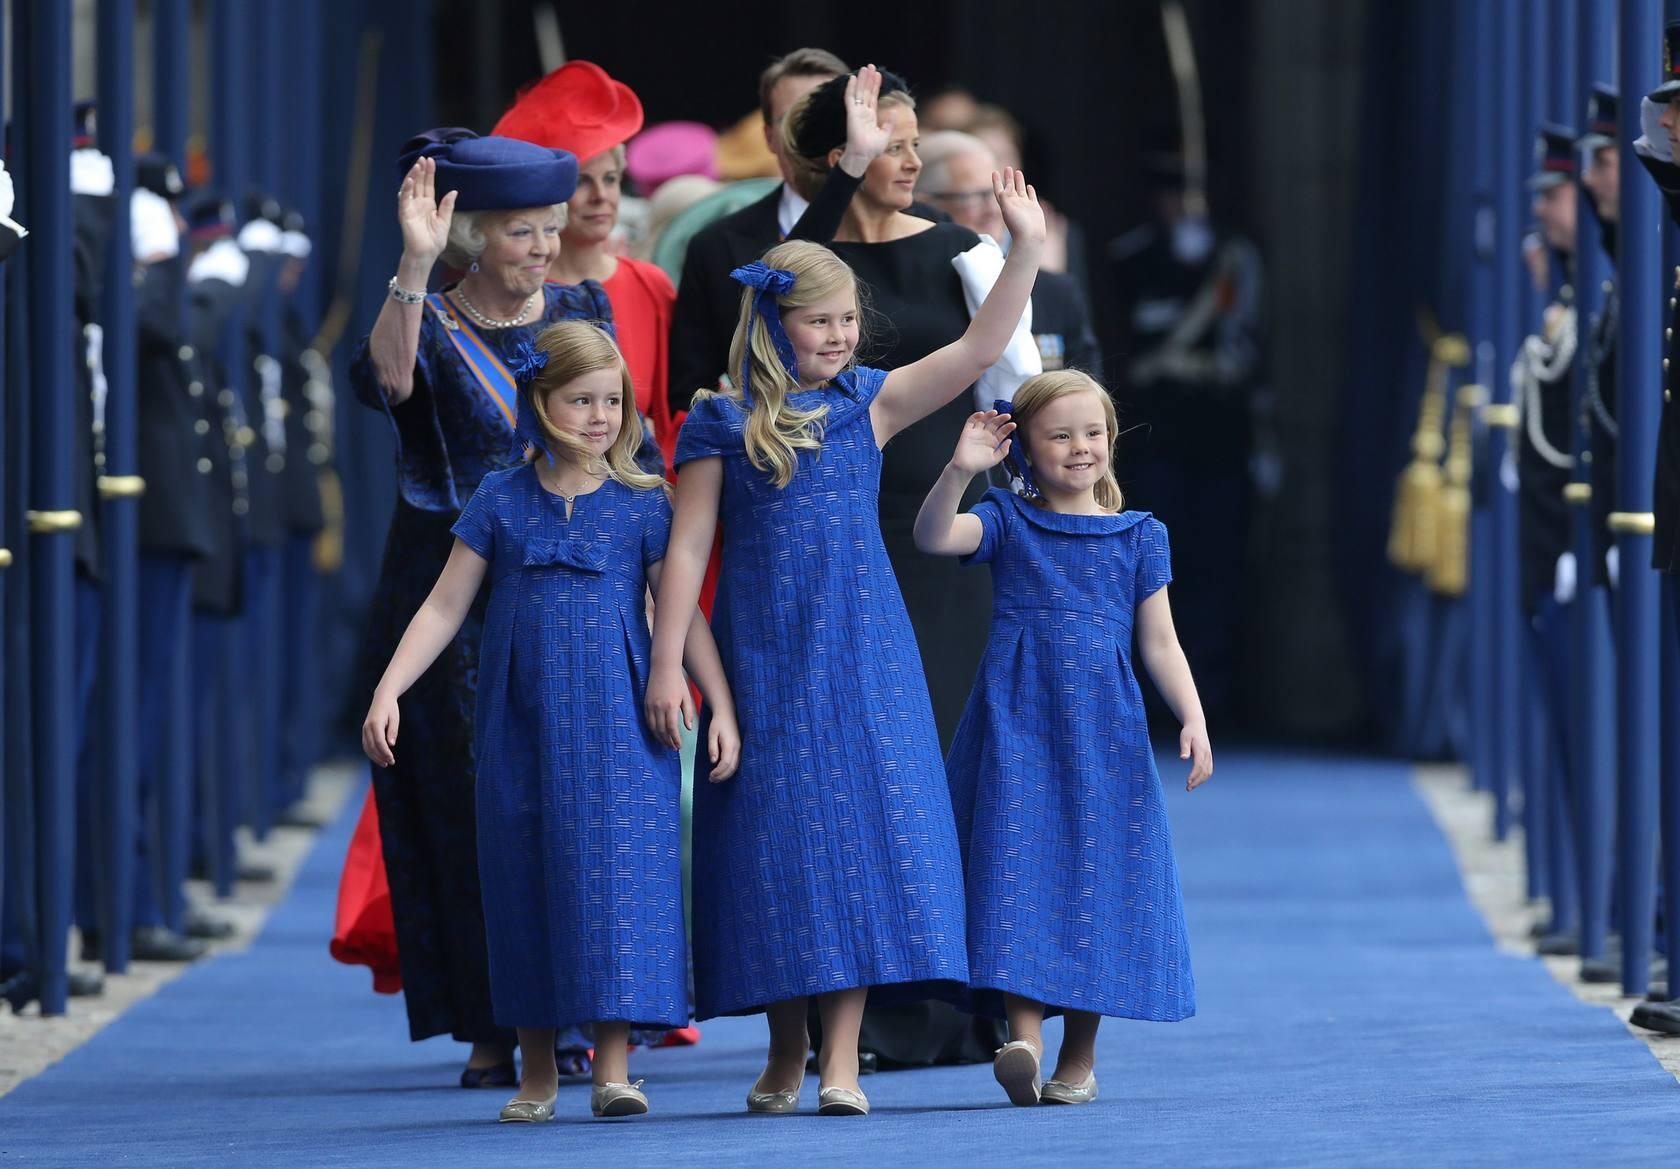 Paseo triunfal de los nuevos reyes de Holanda